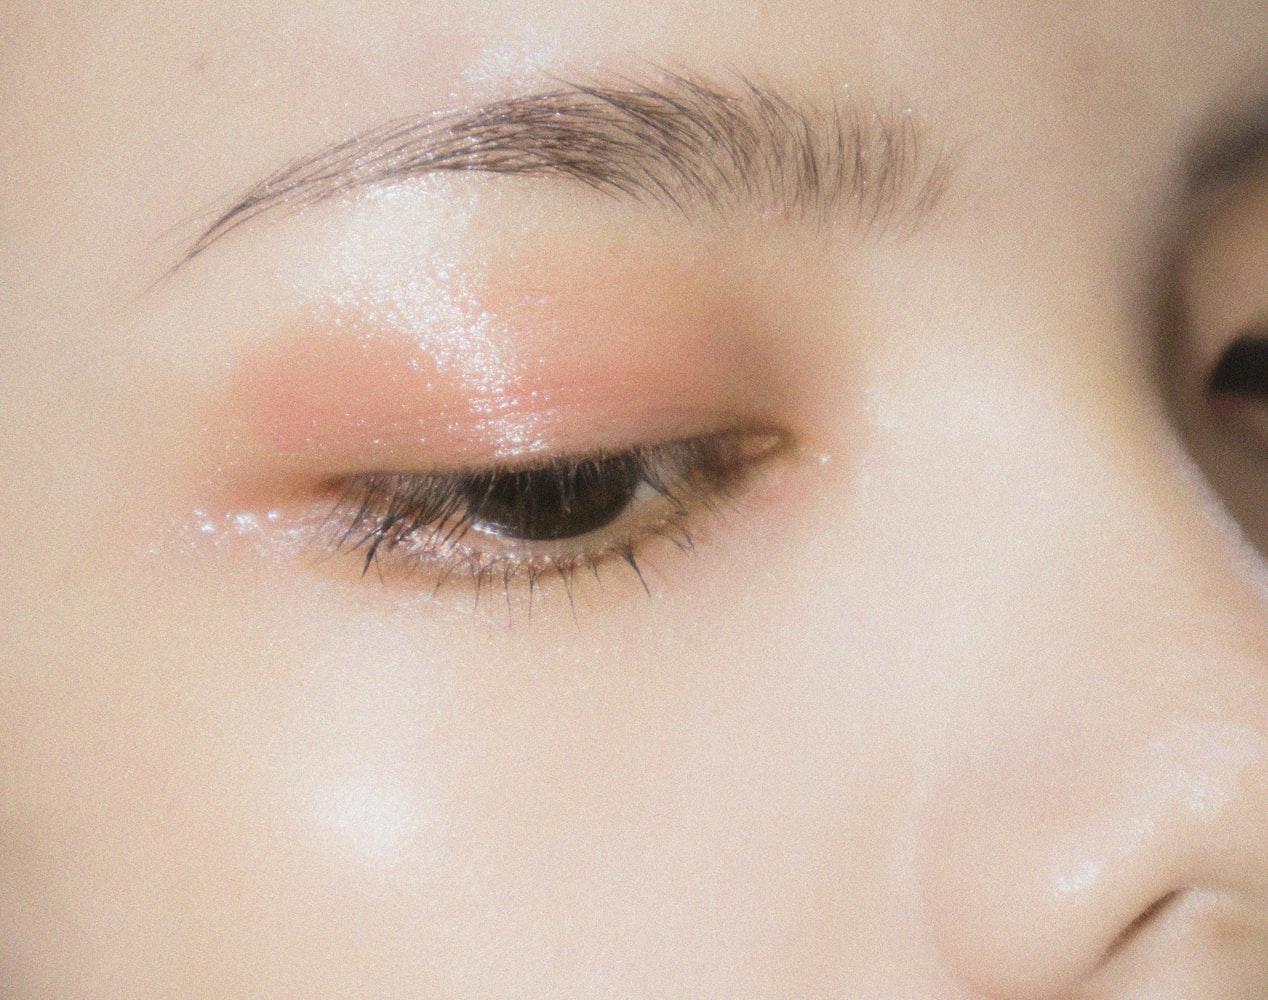 Kiểu trang điểm nổi bật cho ngày Tết - Trang điểm mắt.